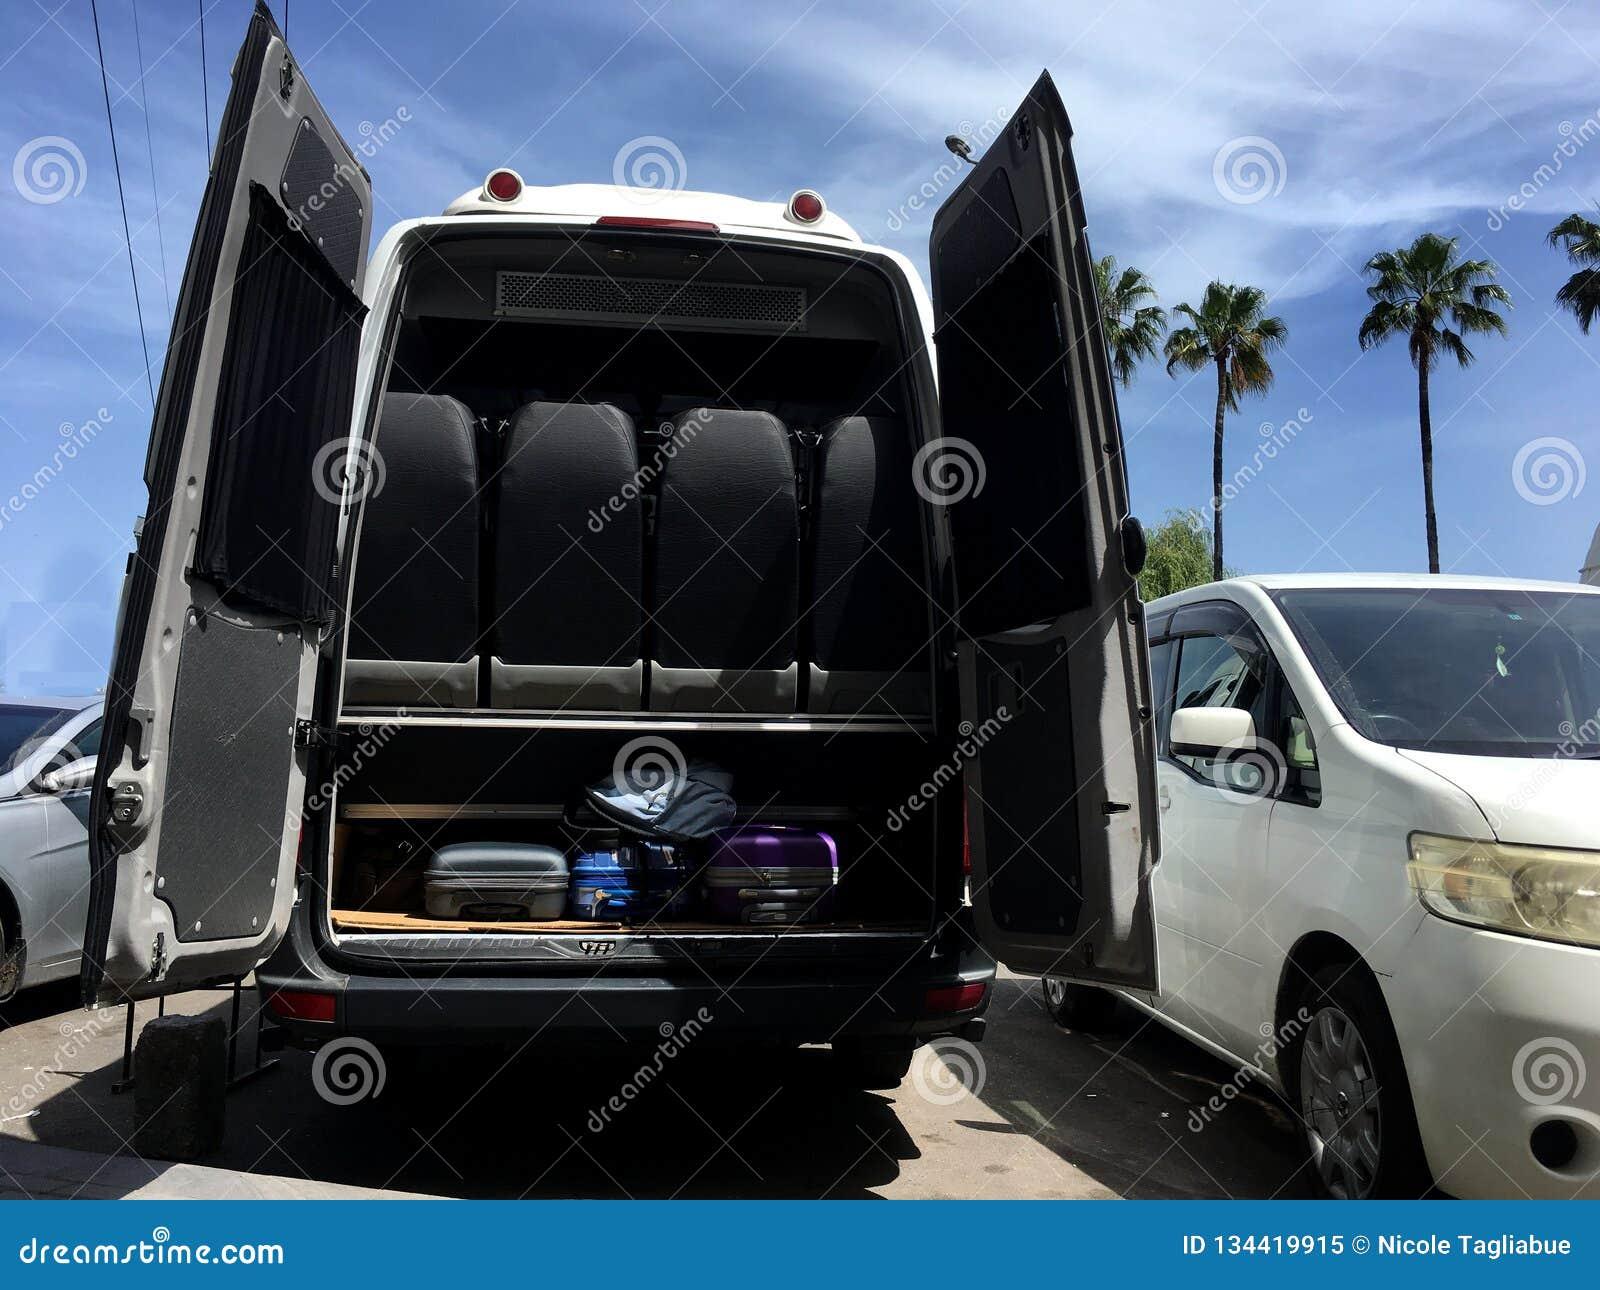 Σύνολο φορτηγών ταξιδιού των αποσκευών που φεύγουν για τις διακοπές μια ηλιόλουστη ημέρα - διακινούμενη έννοια